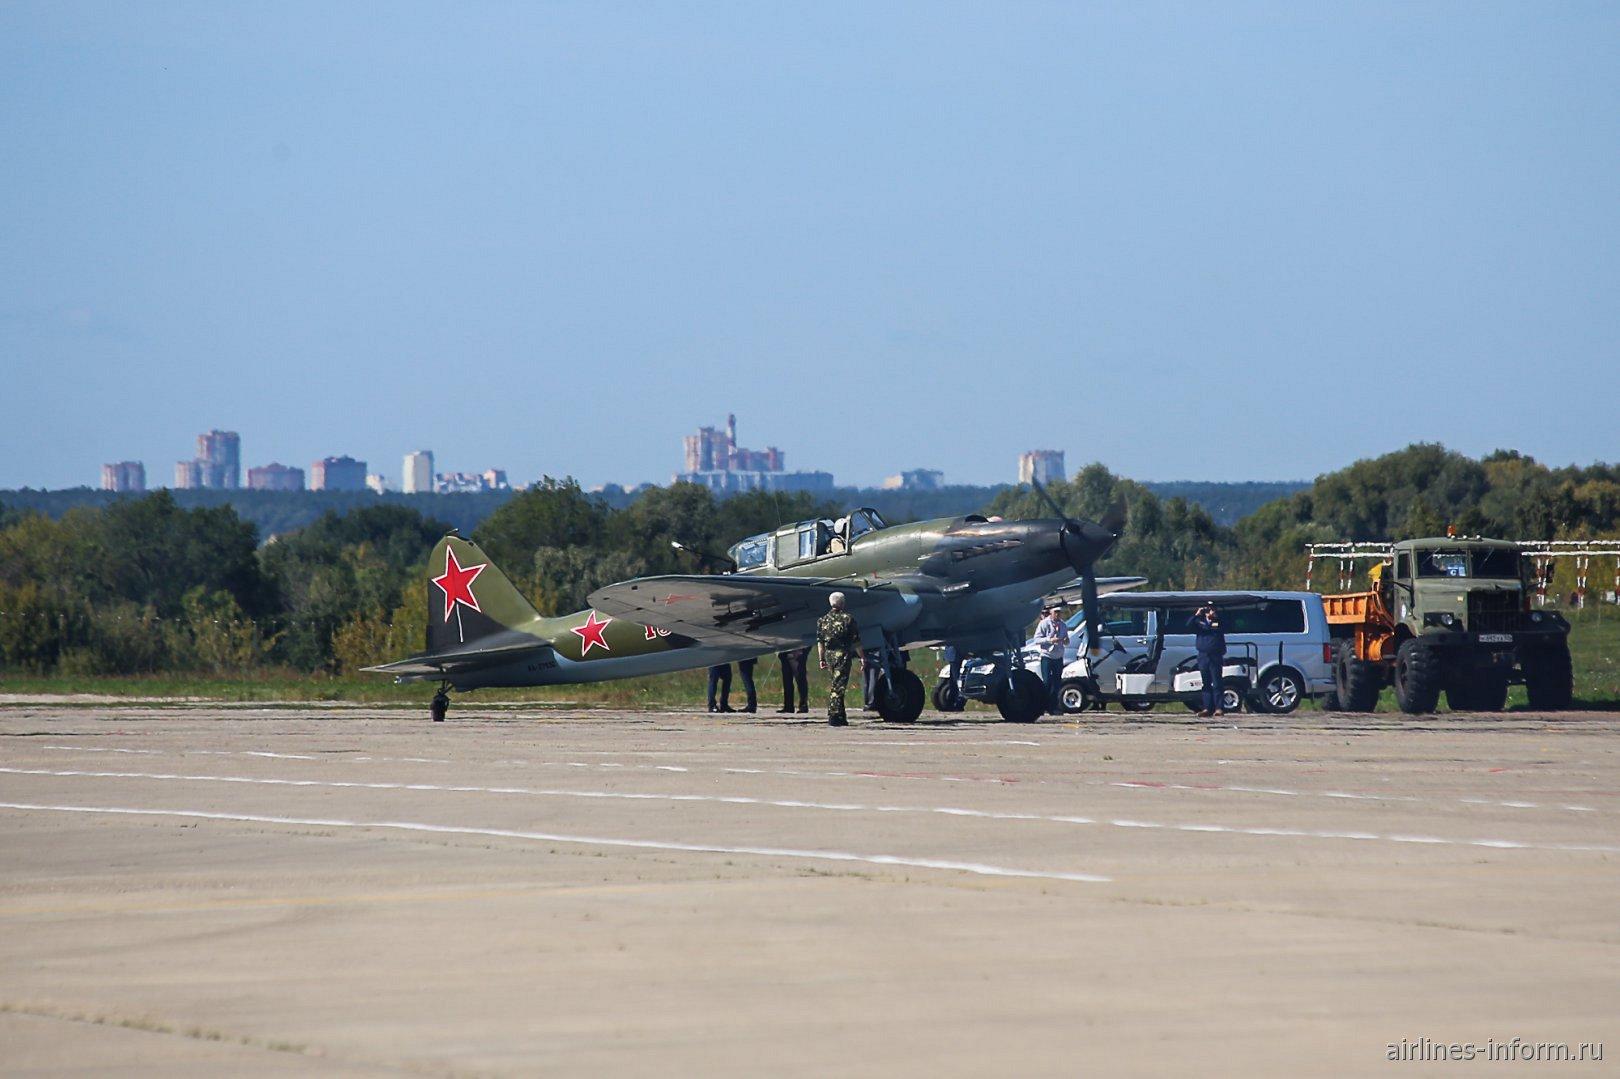 Обслуживание самолета Ил-2 на аэродроме Жуковский во время авиасалона МАКС-2019